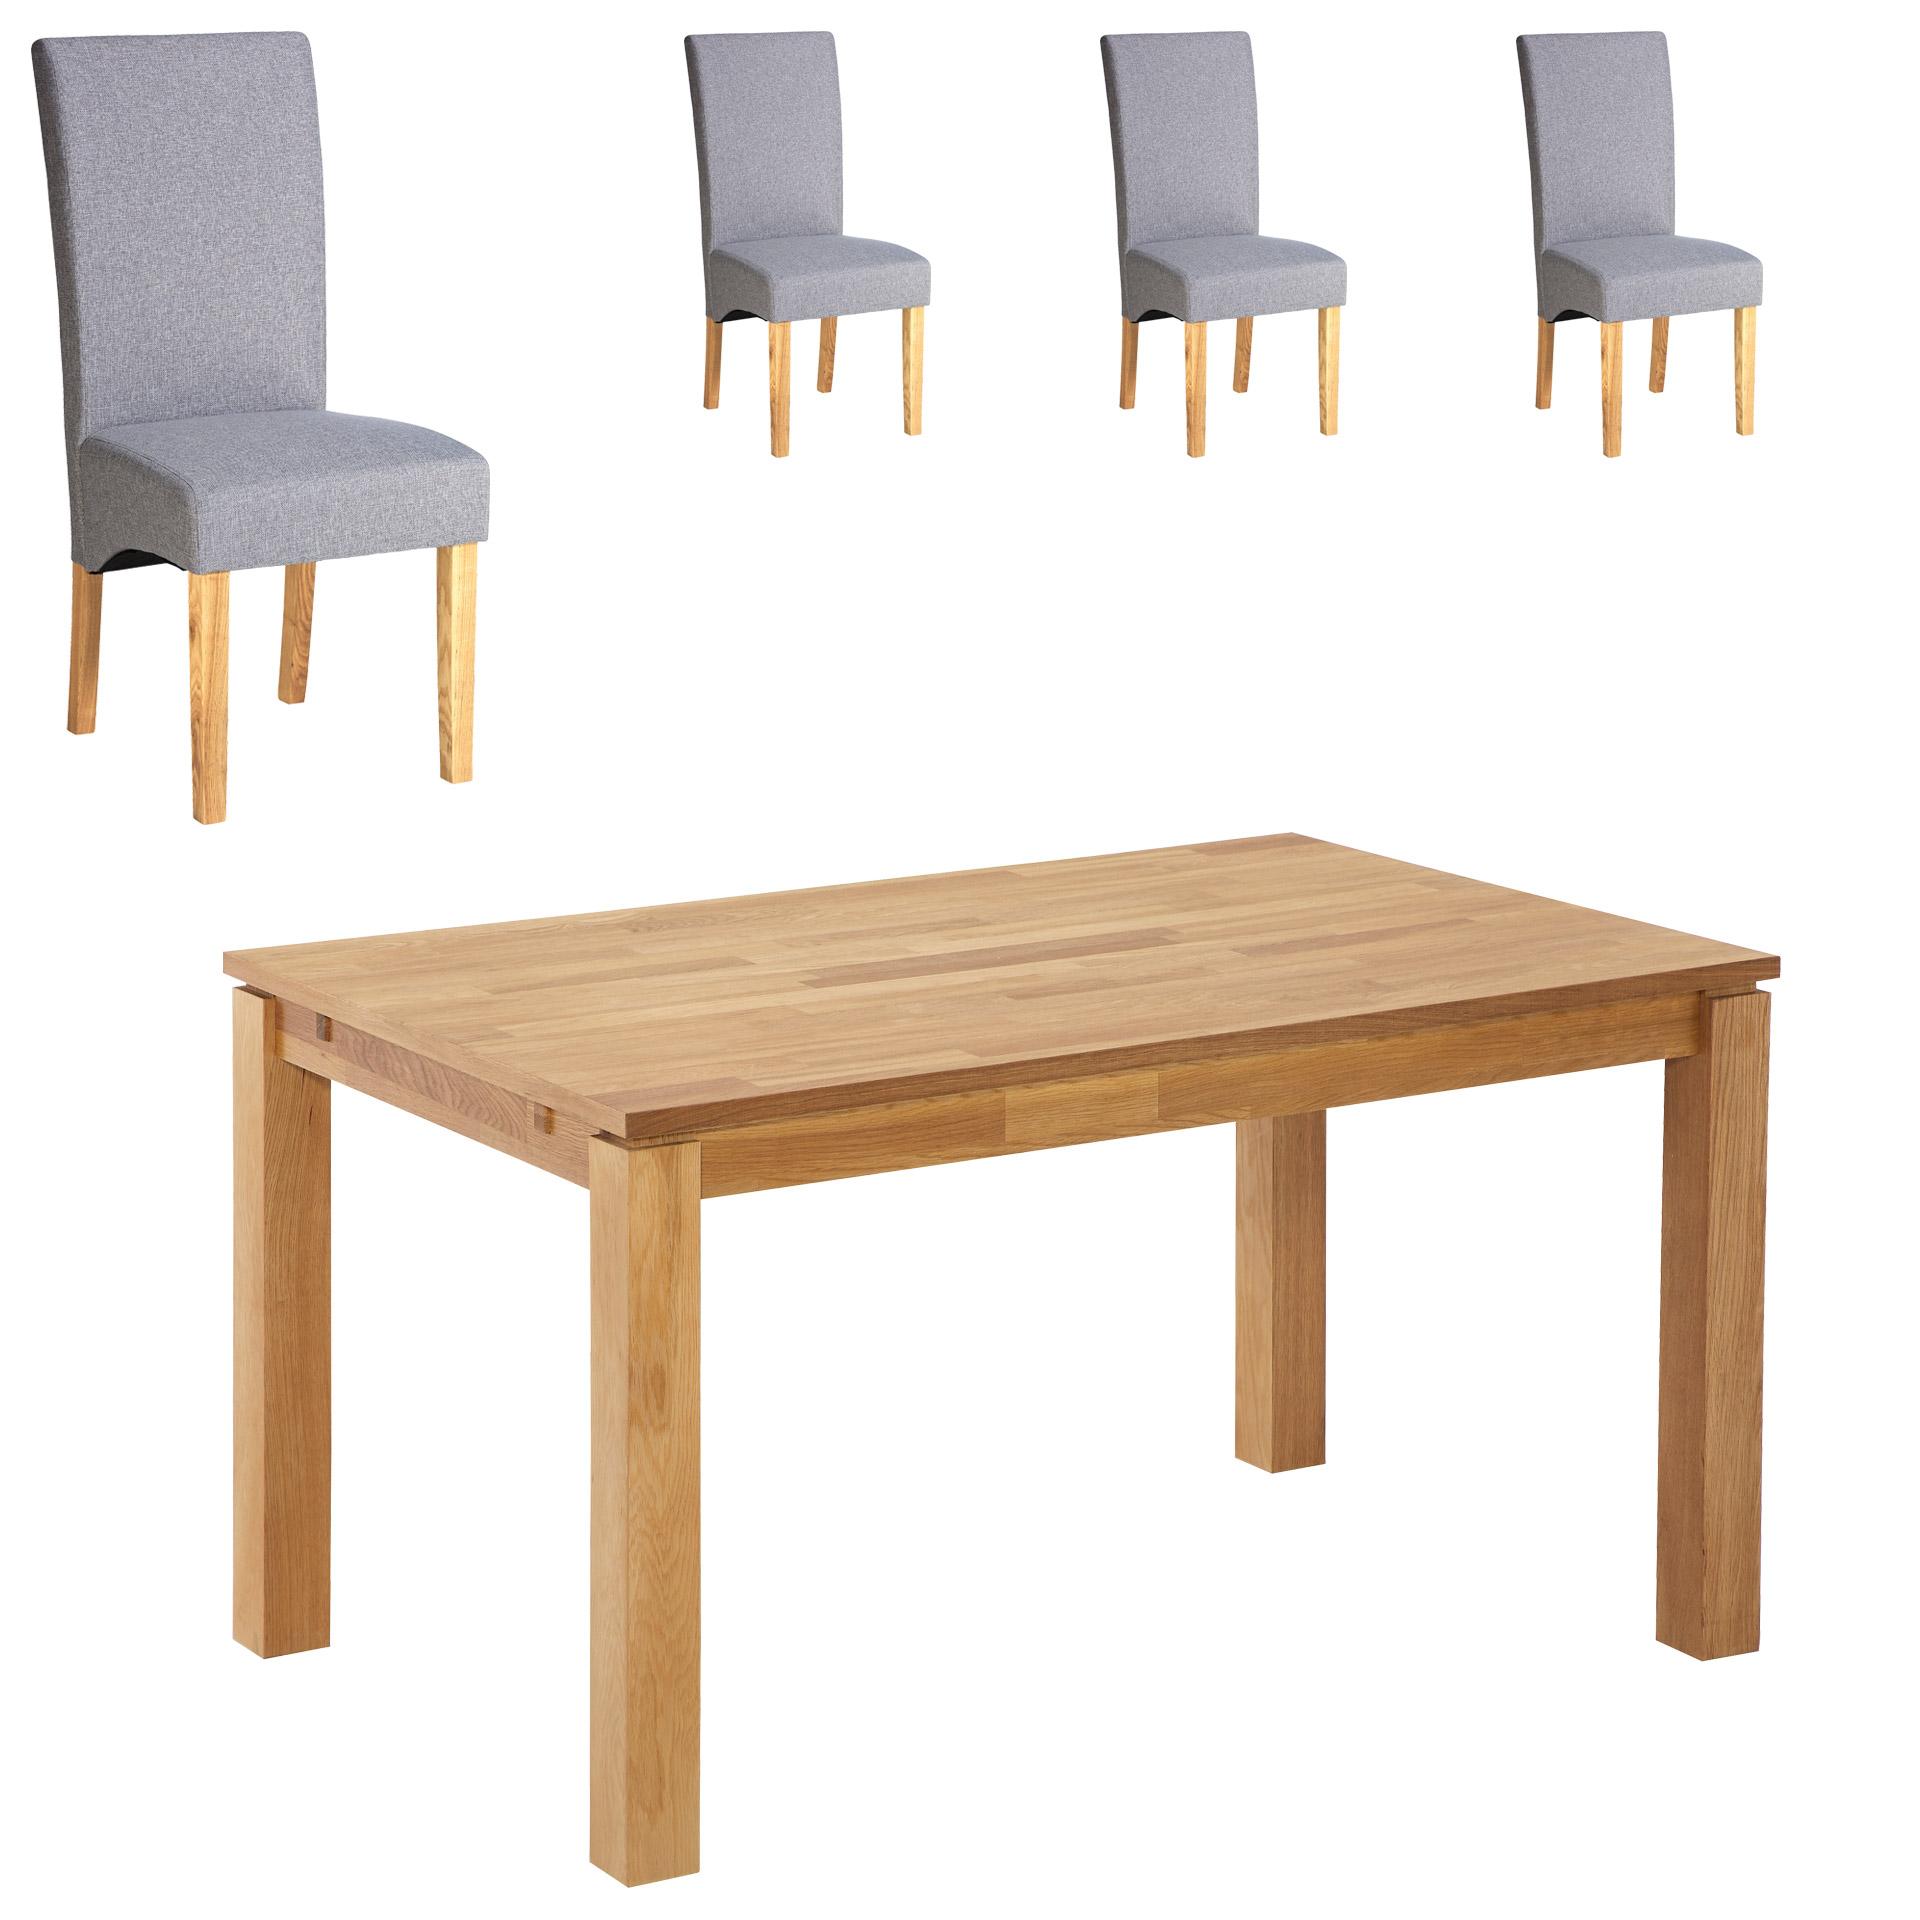 Essgruppe Royal Borg/Tom (90x140, 4 Stühle, grau)